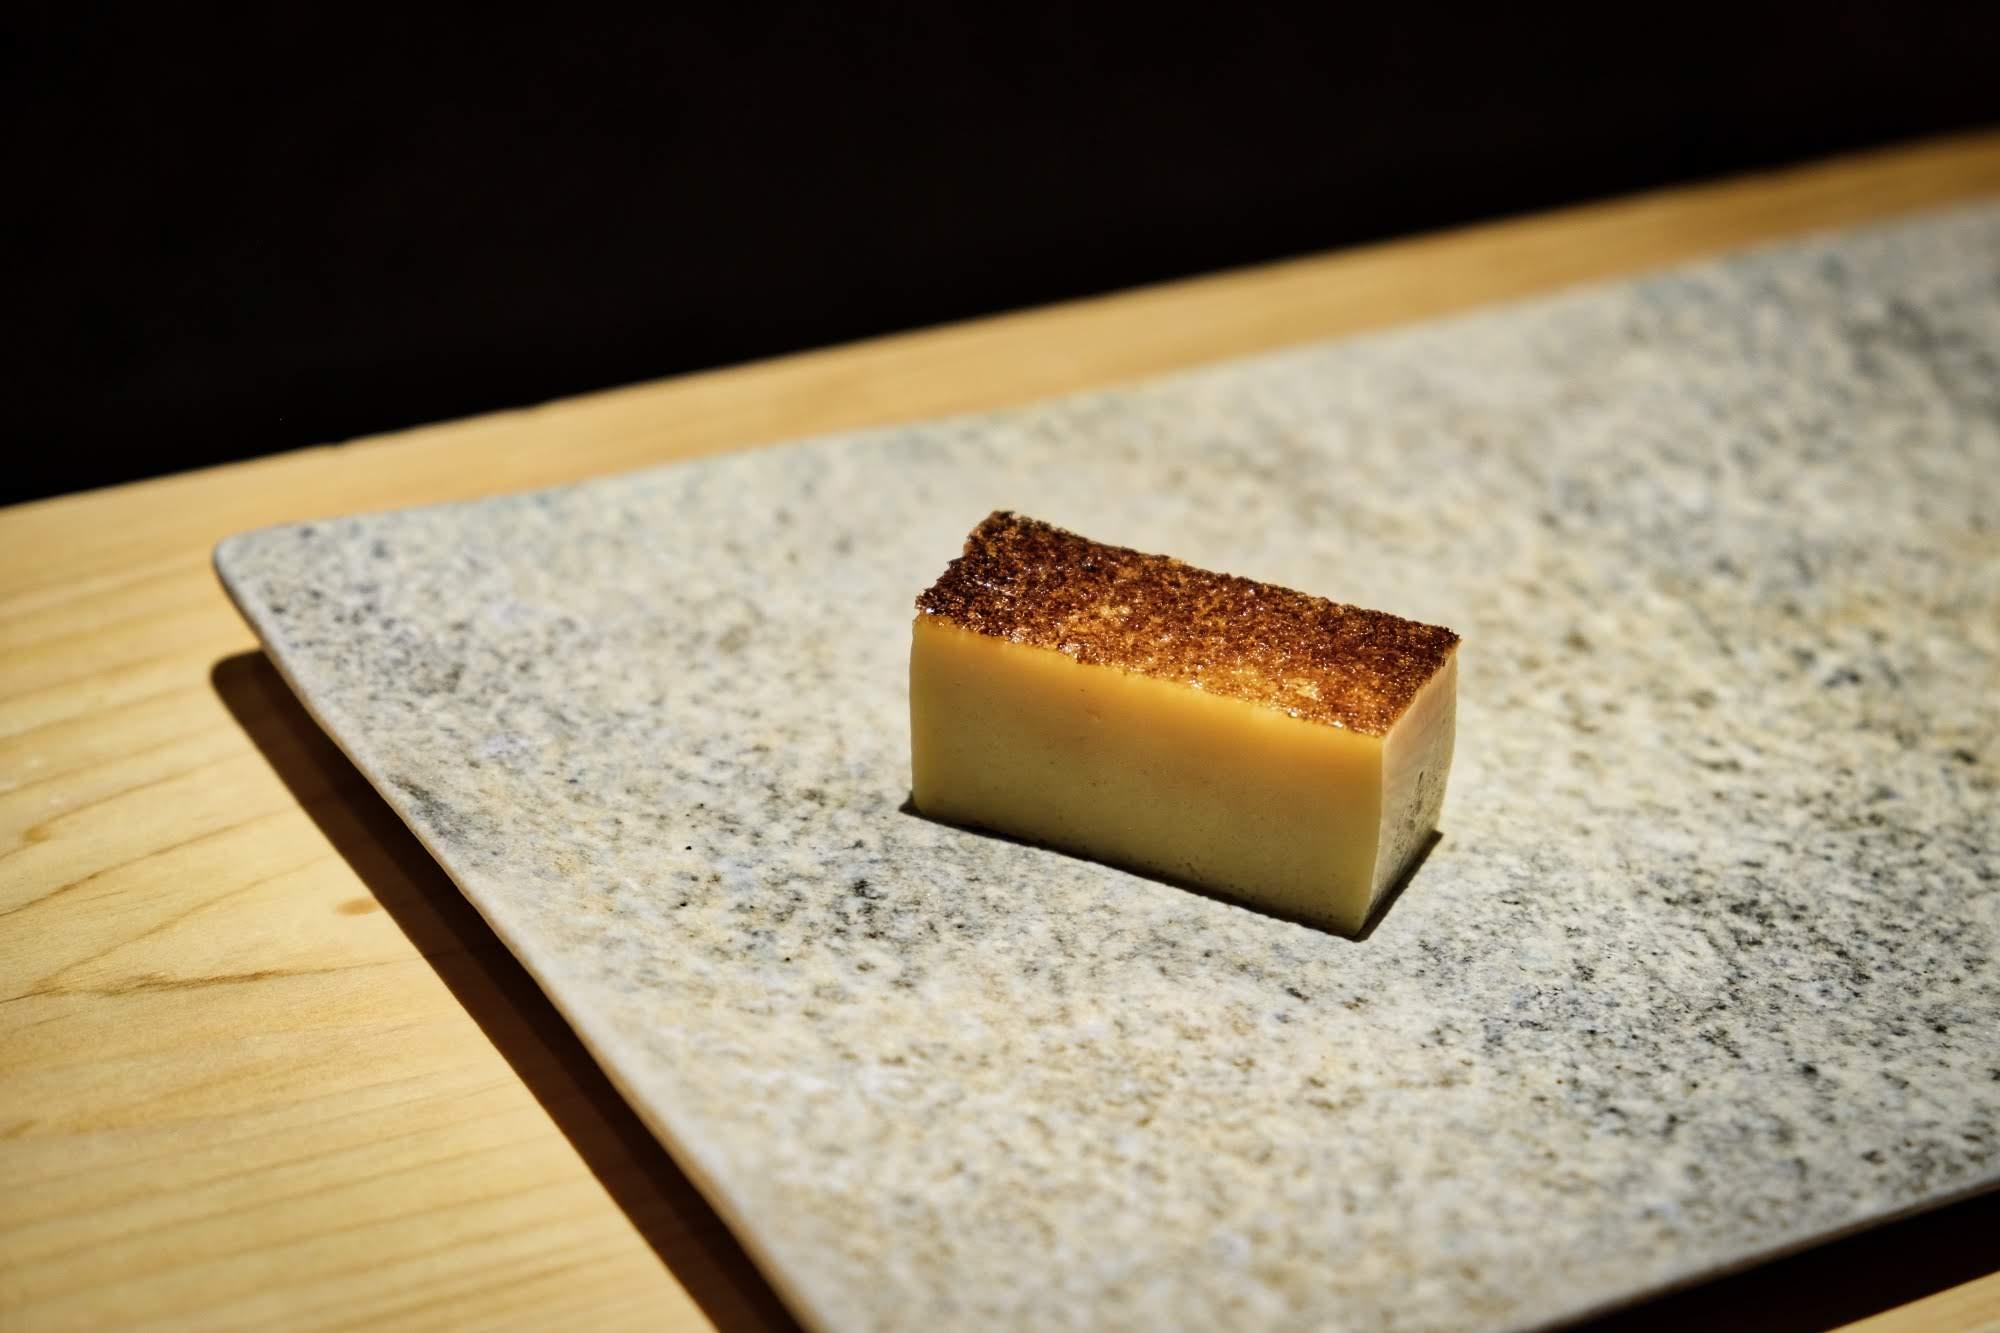 dscf5770_tokyo_japan_sushi_saito_michelin_vilagevo_jokuti_l.jpeg